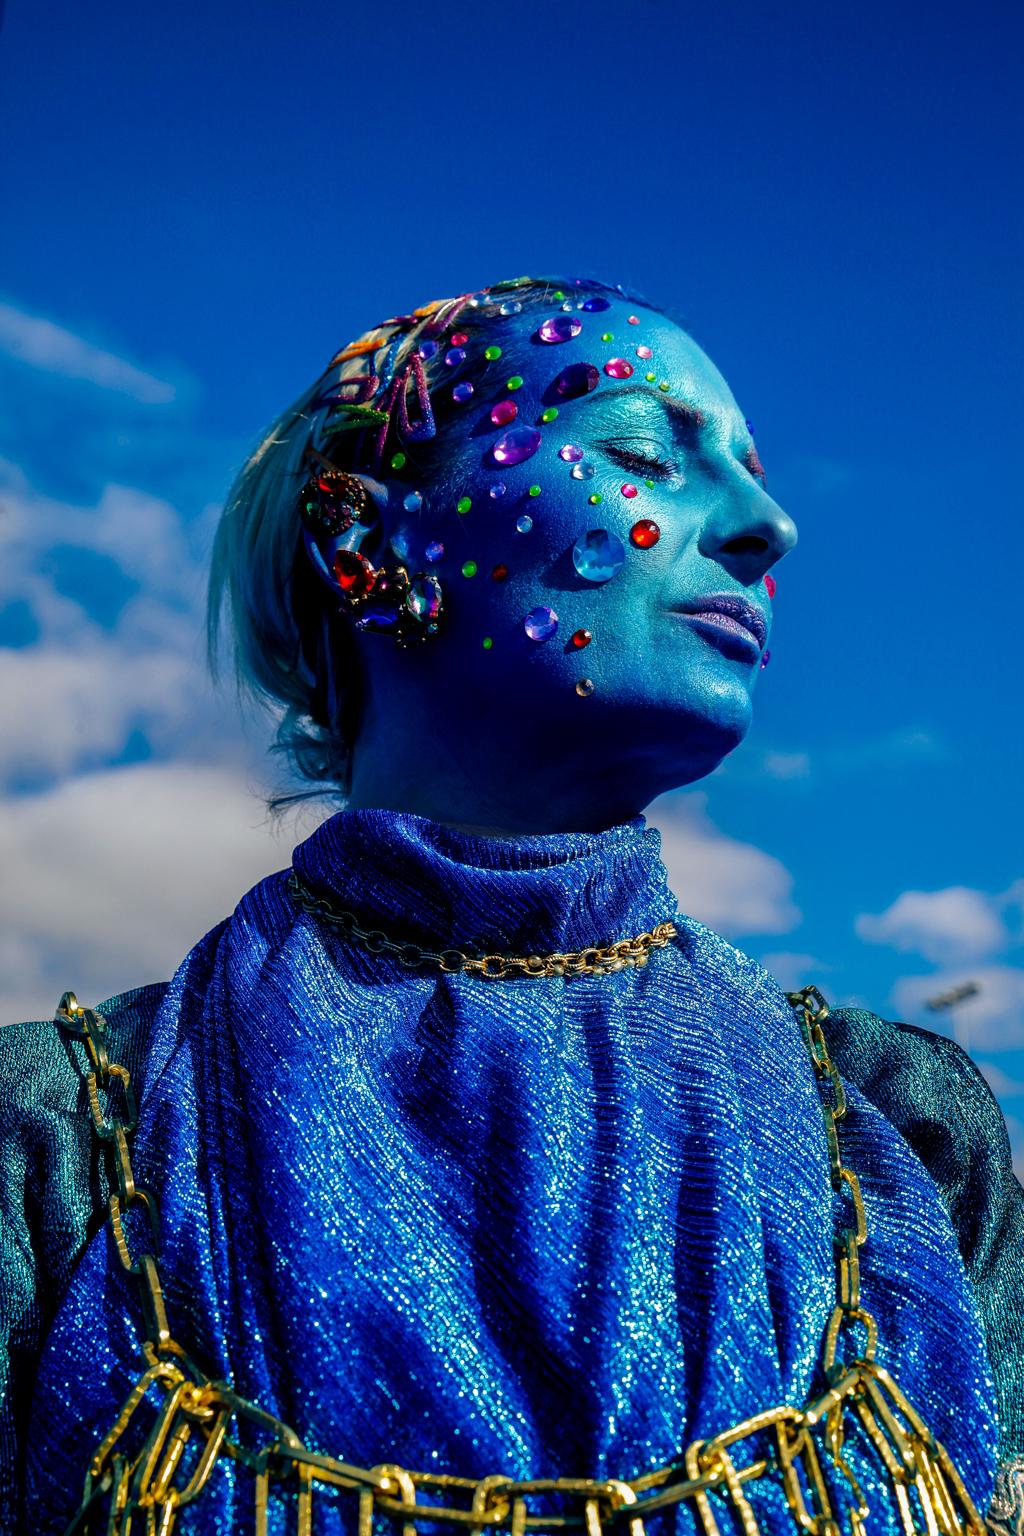 spaceoddity-bluesmoke2-web-5558.jpg